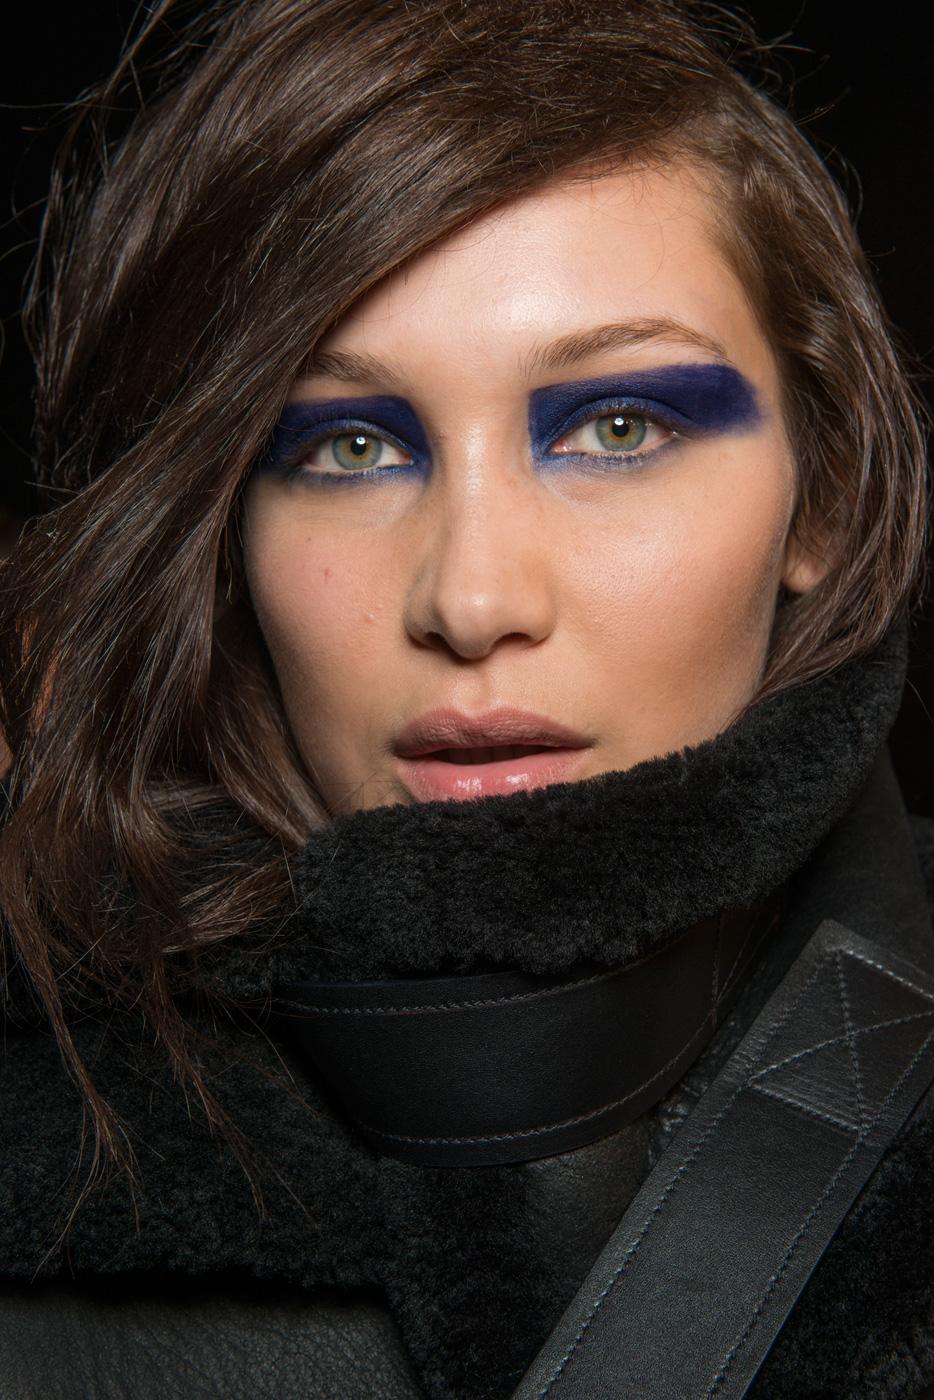 Không biết nhân vật siêu anh hùng hay đạo chích đã trở thành nguồn cơn cho kiểu makeup mắt ngộ nghĩnh này của Versus Versace?